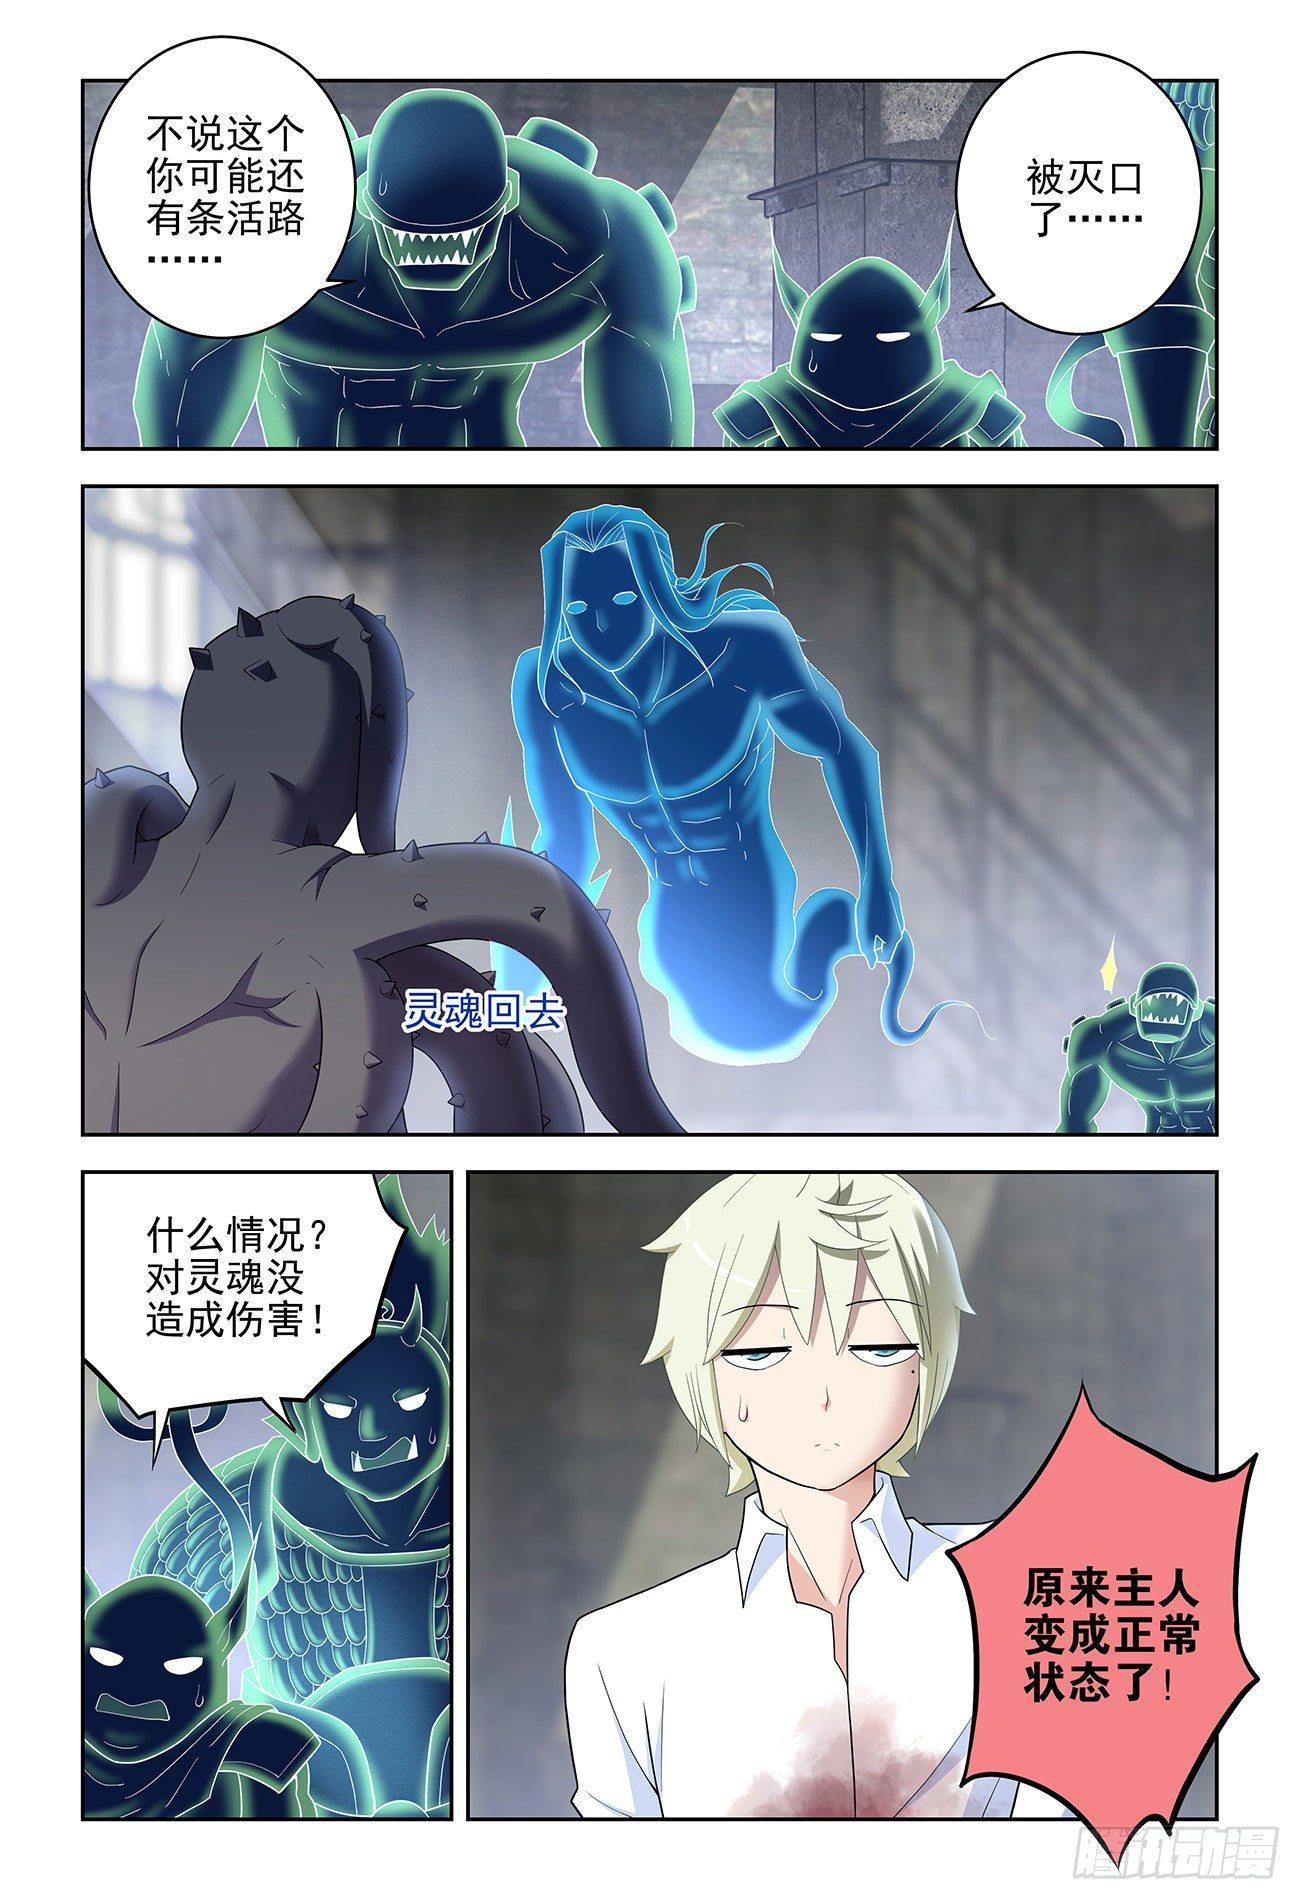 【漫画更新】王牌御史    第526话